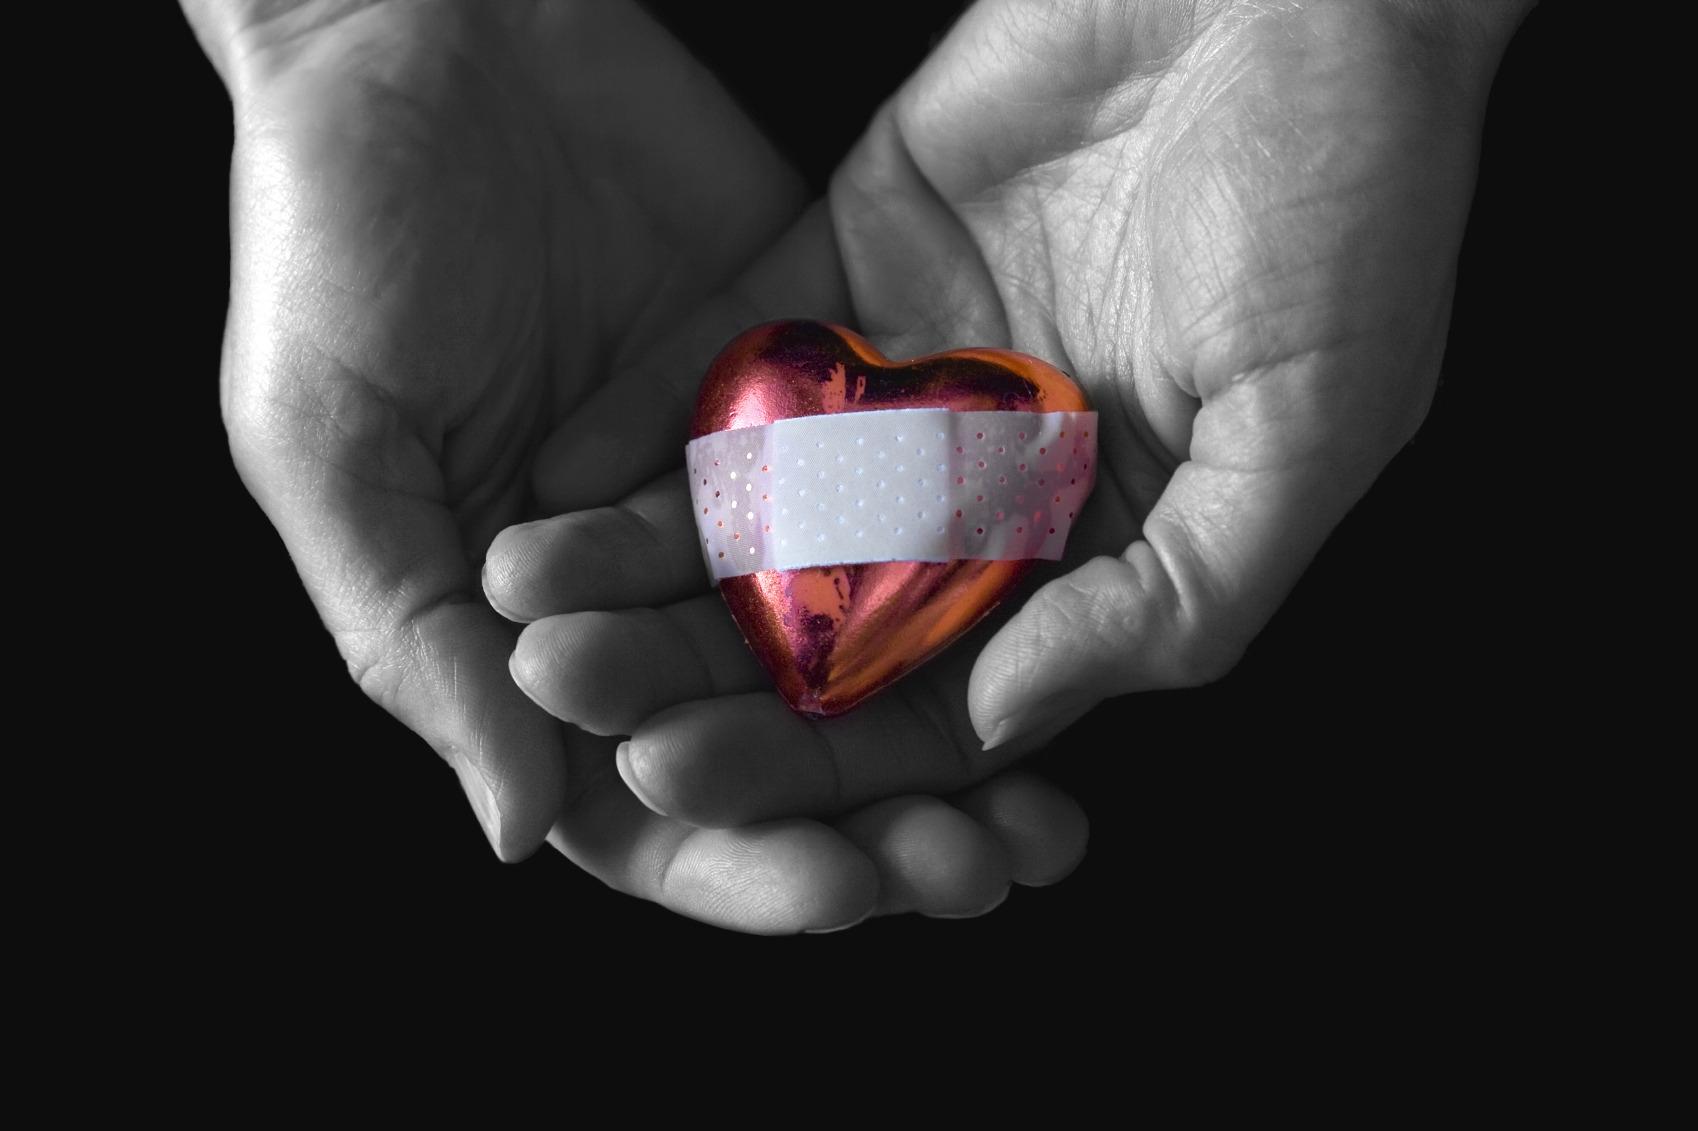 фото картинка сердце в ладонях камерах